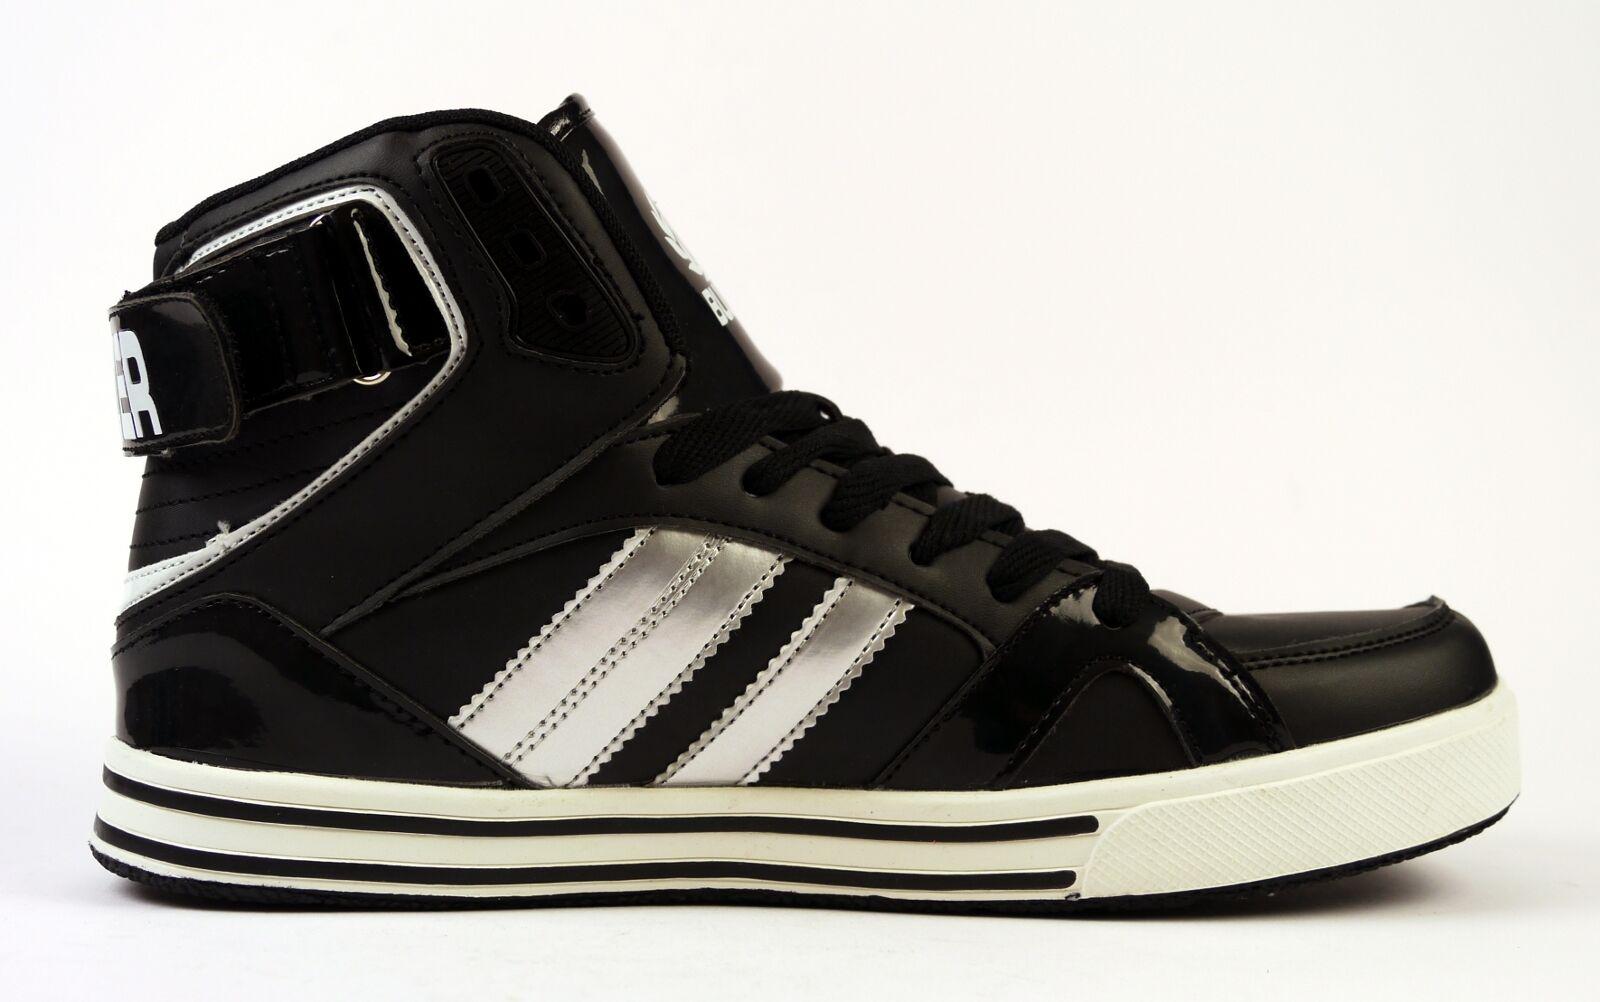 BULLDOZER 8131 Sneaker alta uomo tgl 41 45 classiche Nero NUOVO Scarpe classiche 45 da uomo 66a425